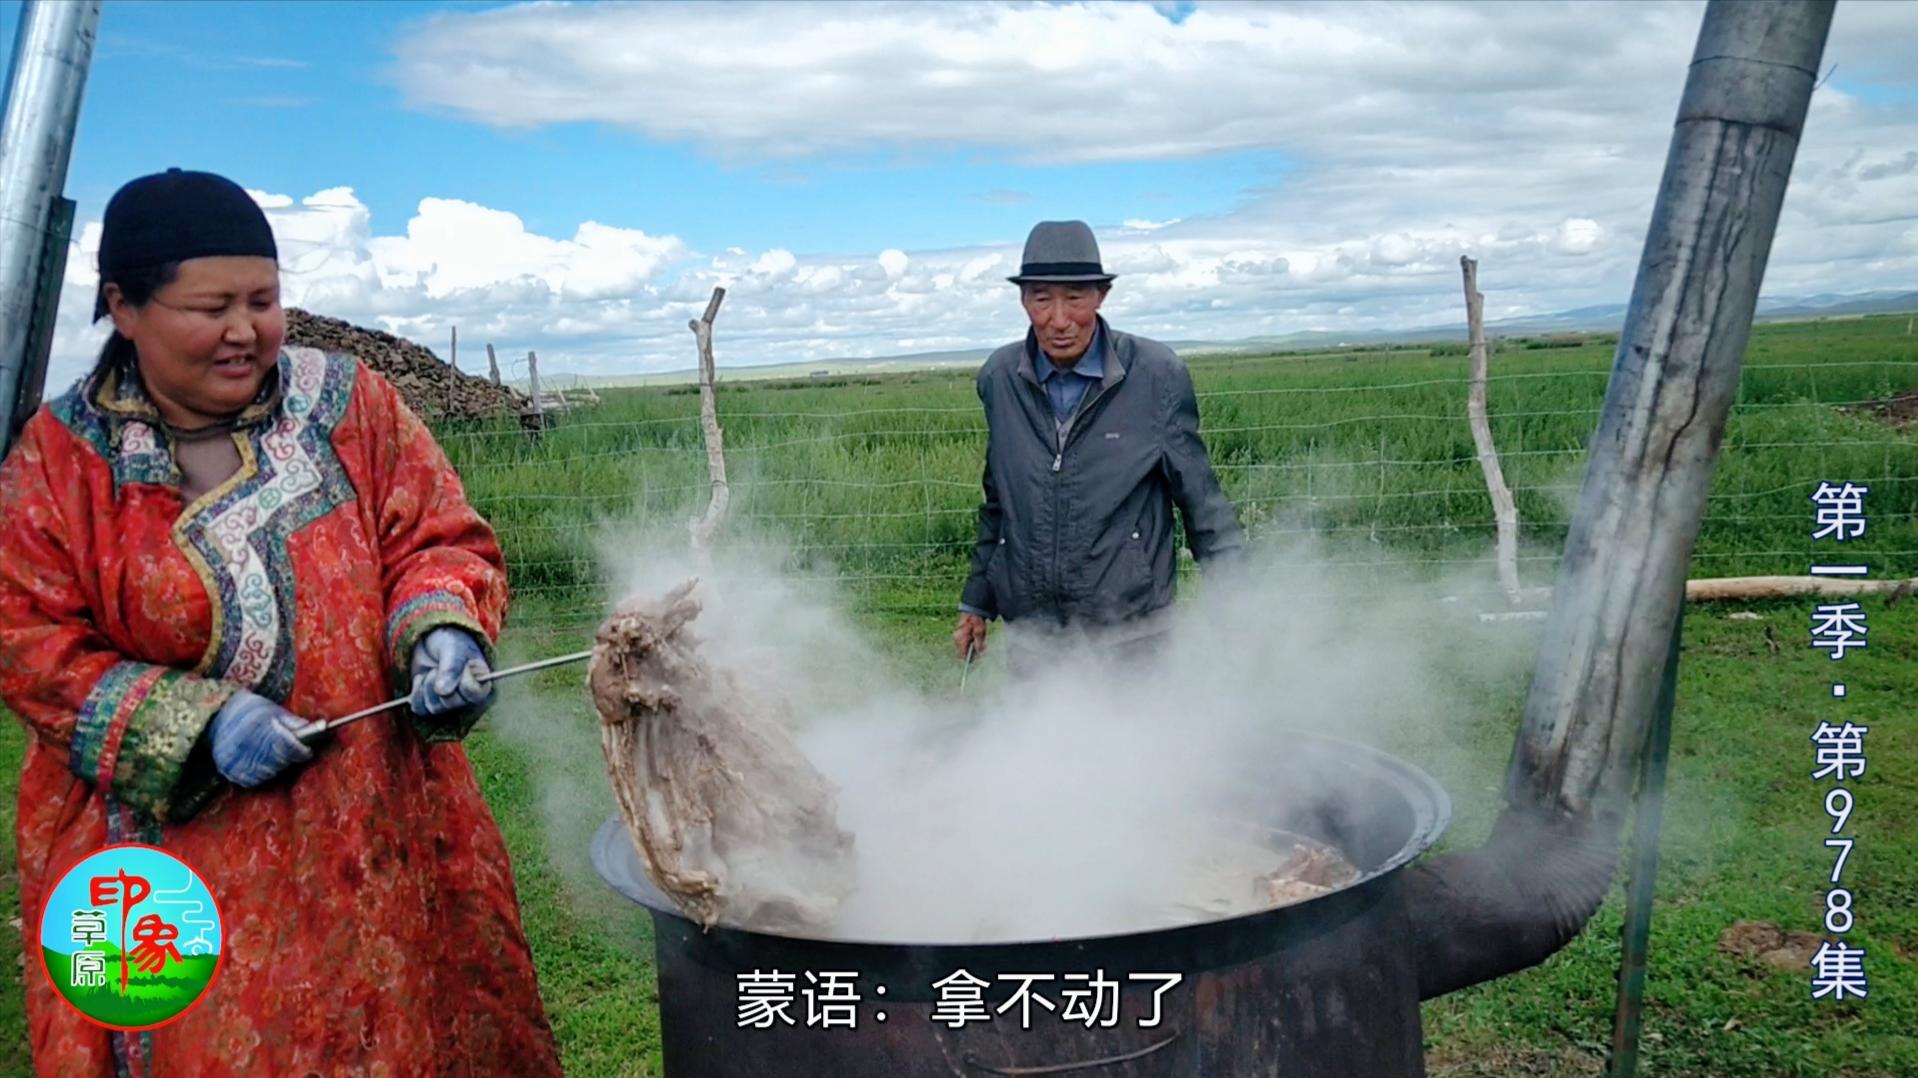 蒙古族73本命年过得隆重,10桌羊肉接待客人,这么豪橫?